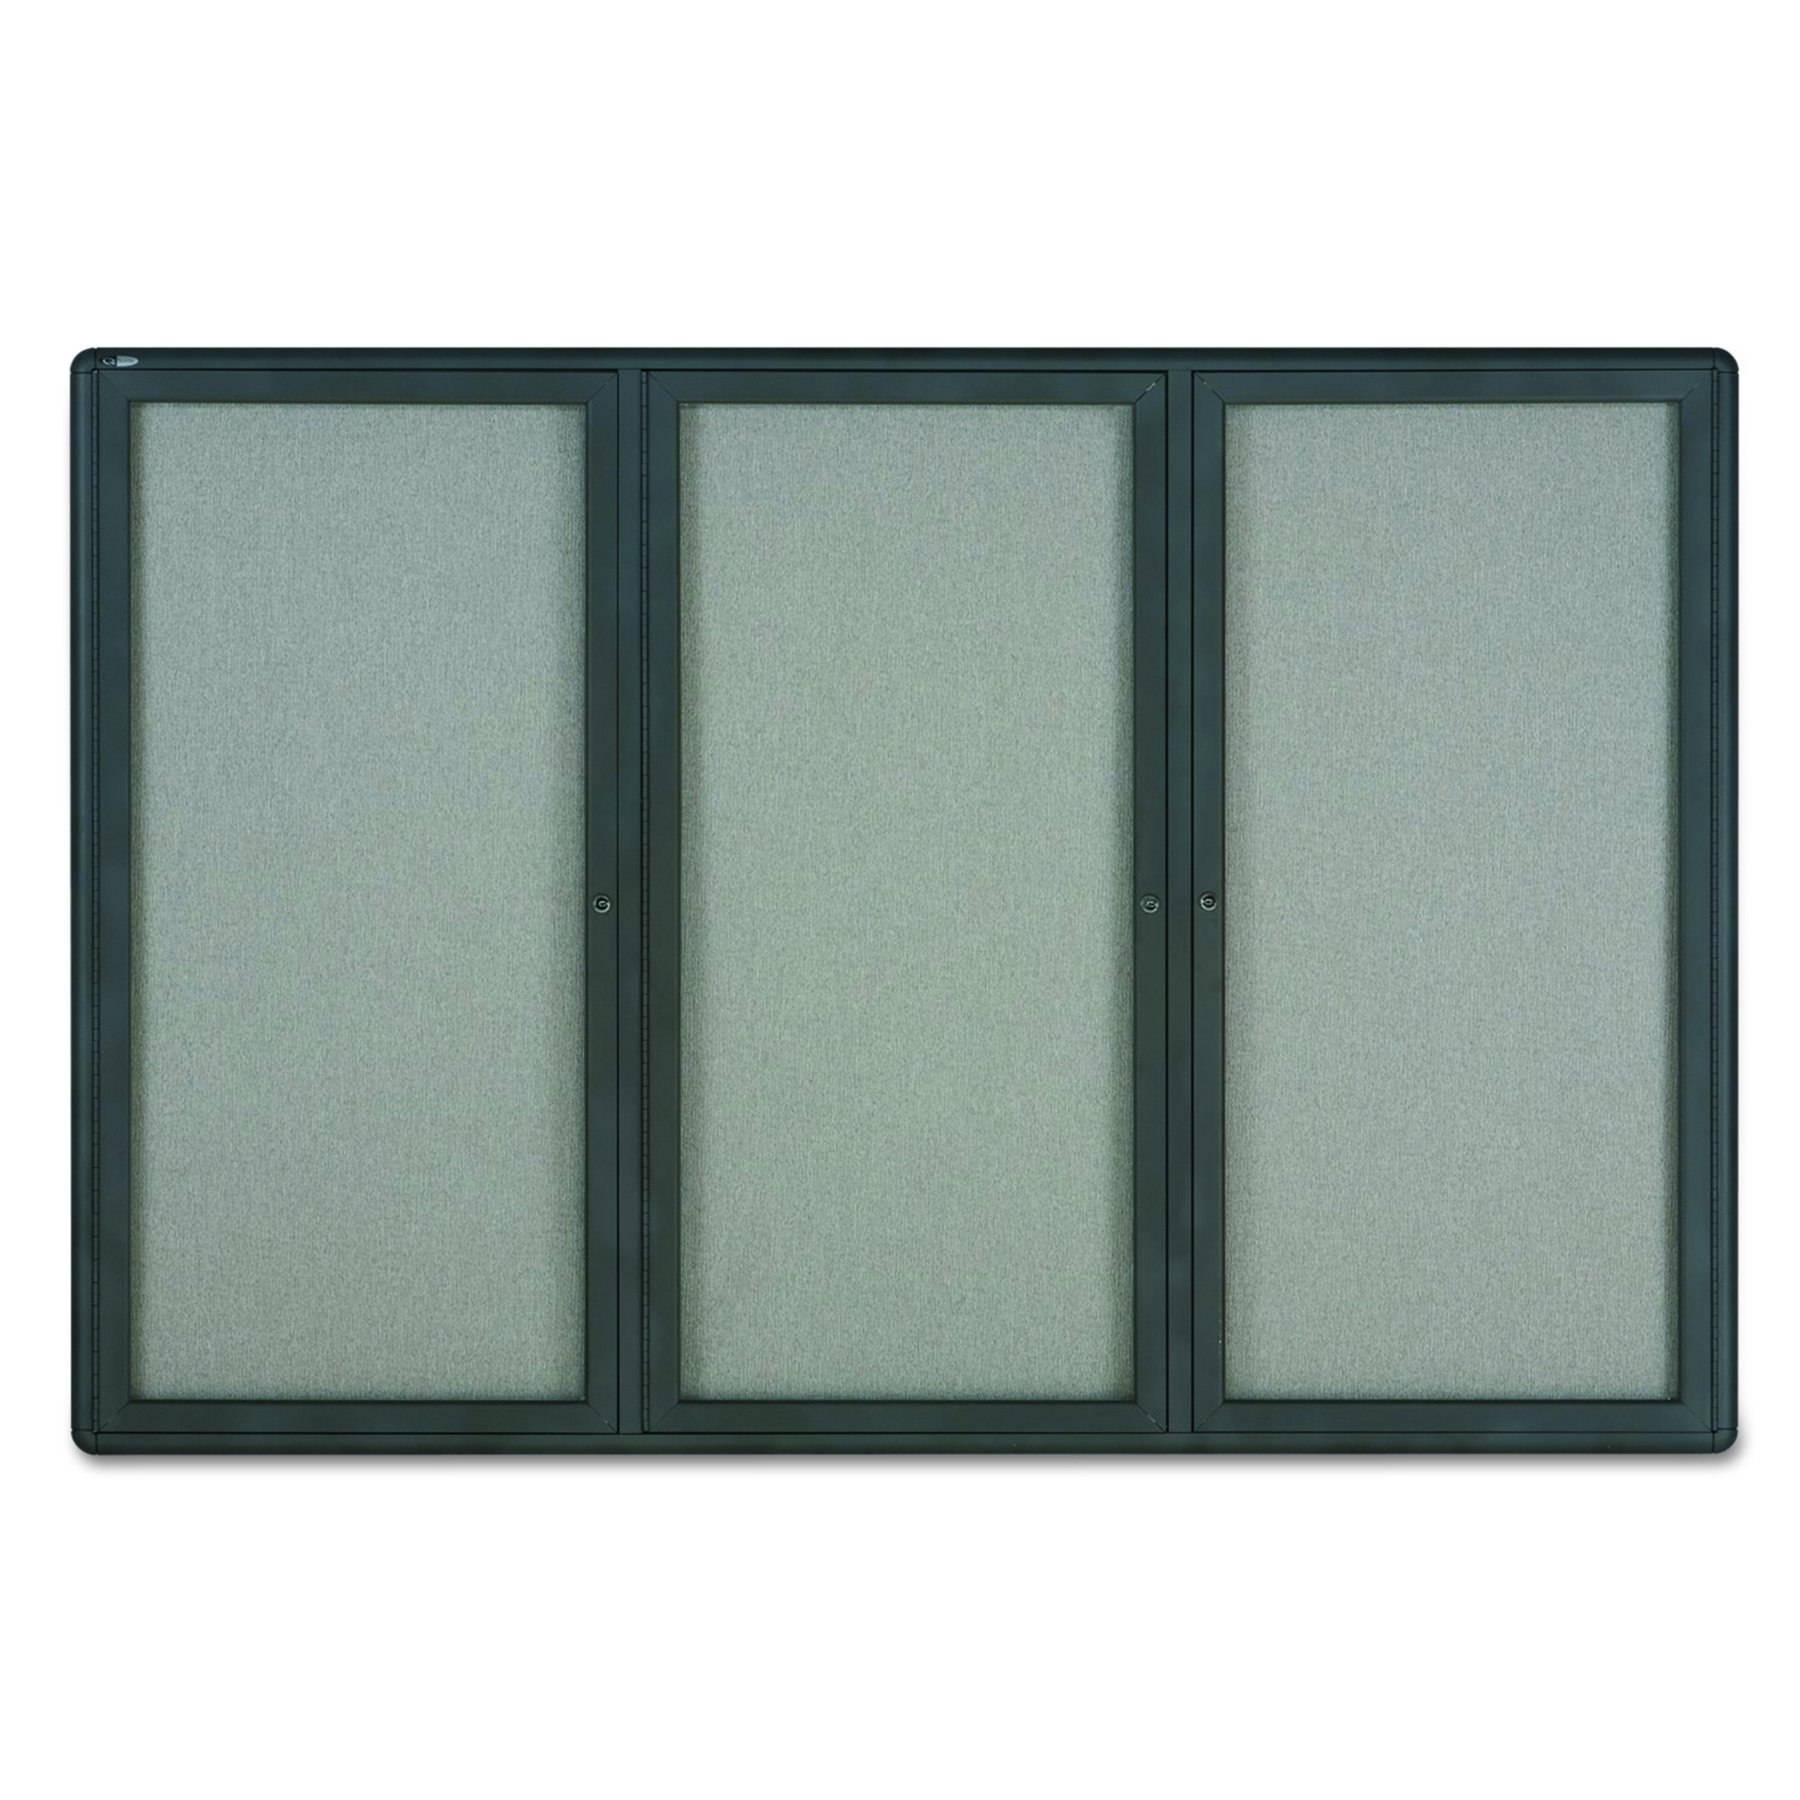 Quartet Enclosed Radius Fabric Bulletin Board, 6' x 4', 3 Door, Graphite Frame (2367L)